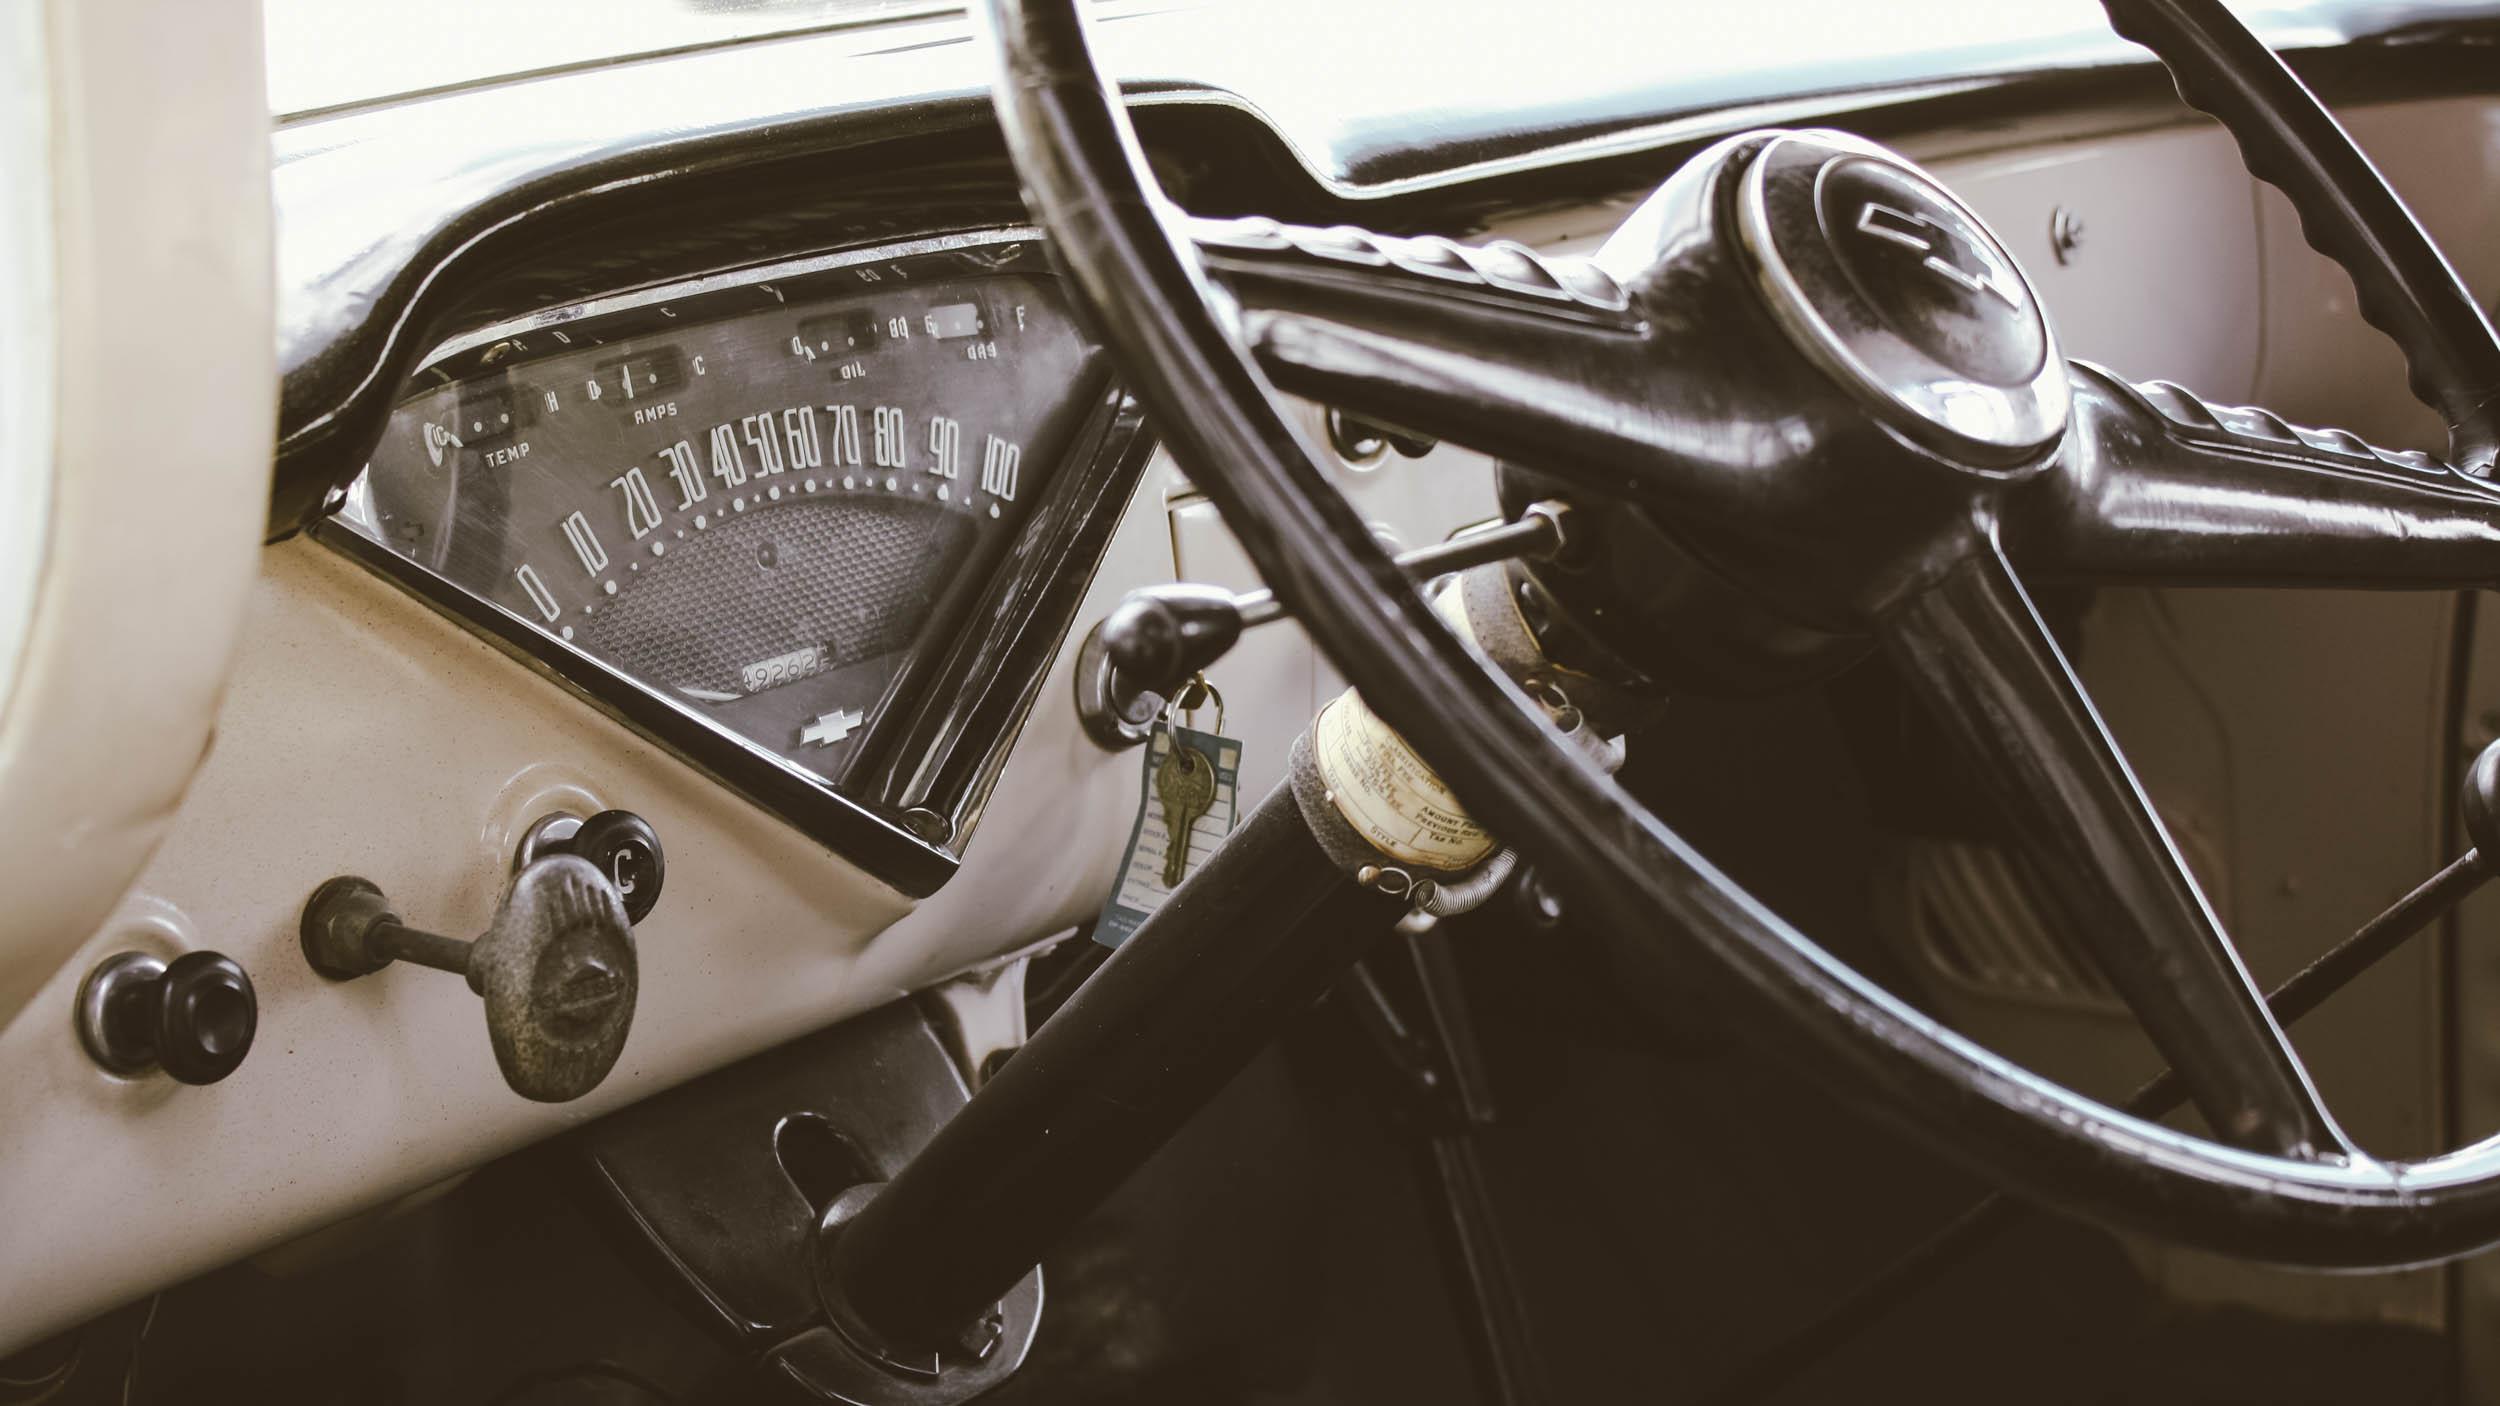 1955 Chevrolet Steering Wheel Detail